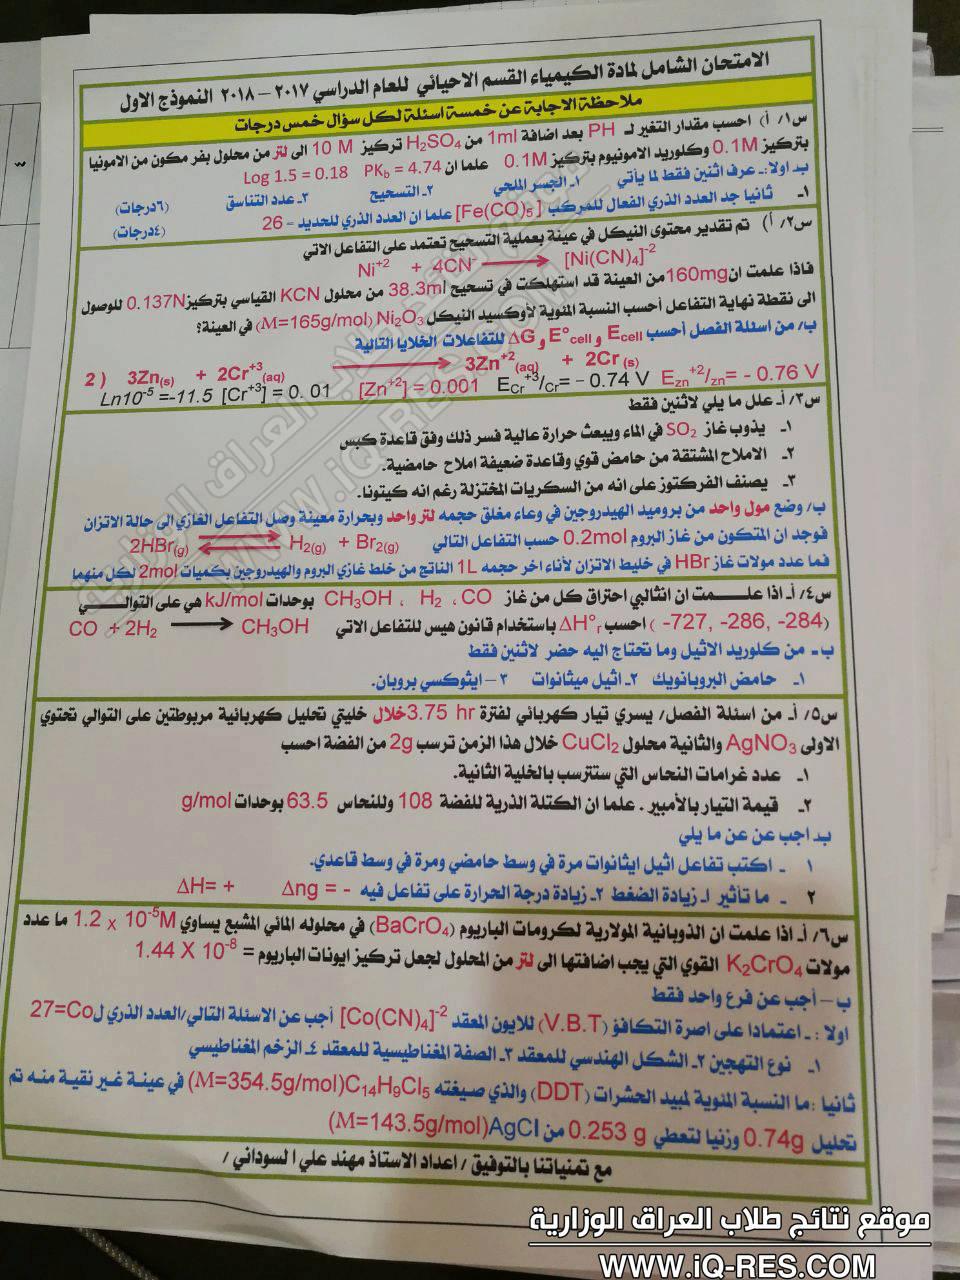 اسئلة الامتحان الشامل لمادة الكيمياء السادس الاحيائي 2017 أ.مهند السوداني Photo510